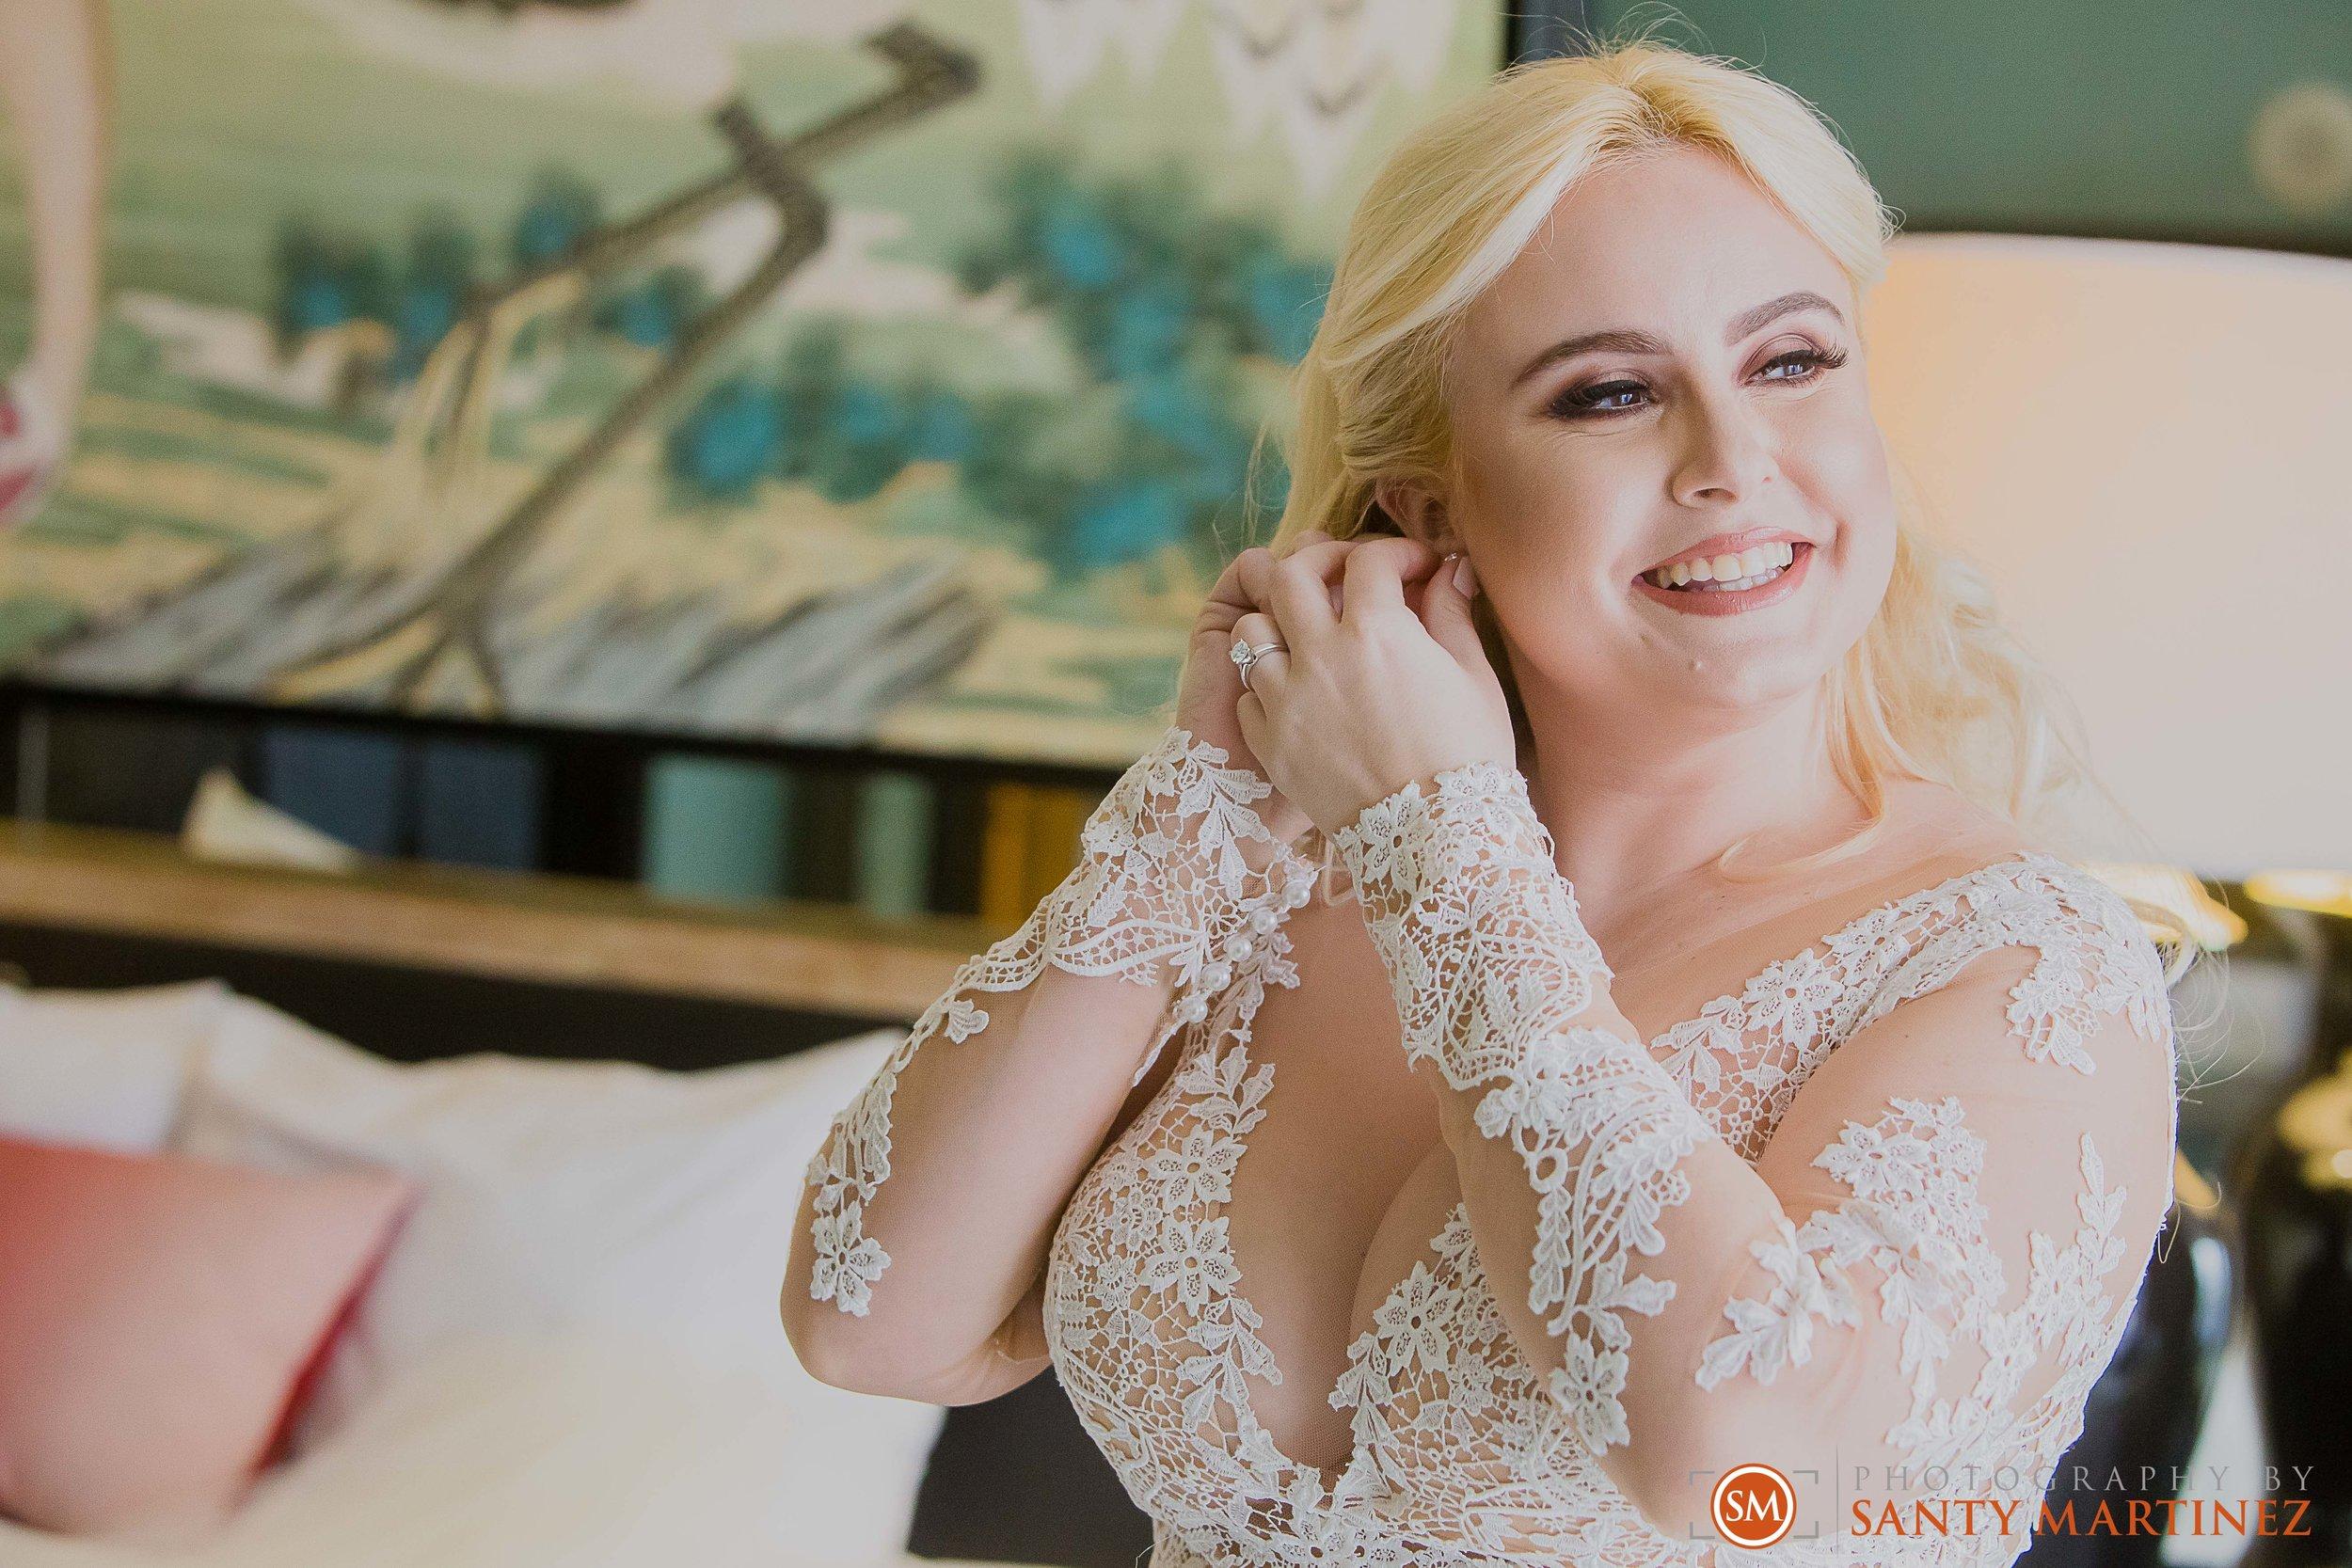 Wedding - W Hotel - St Patrick Miami Beach - Santy Martinez Photography-4.jpg